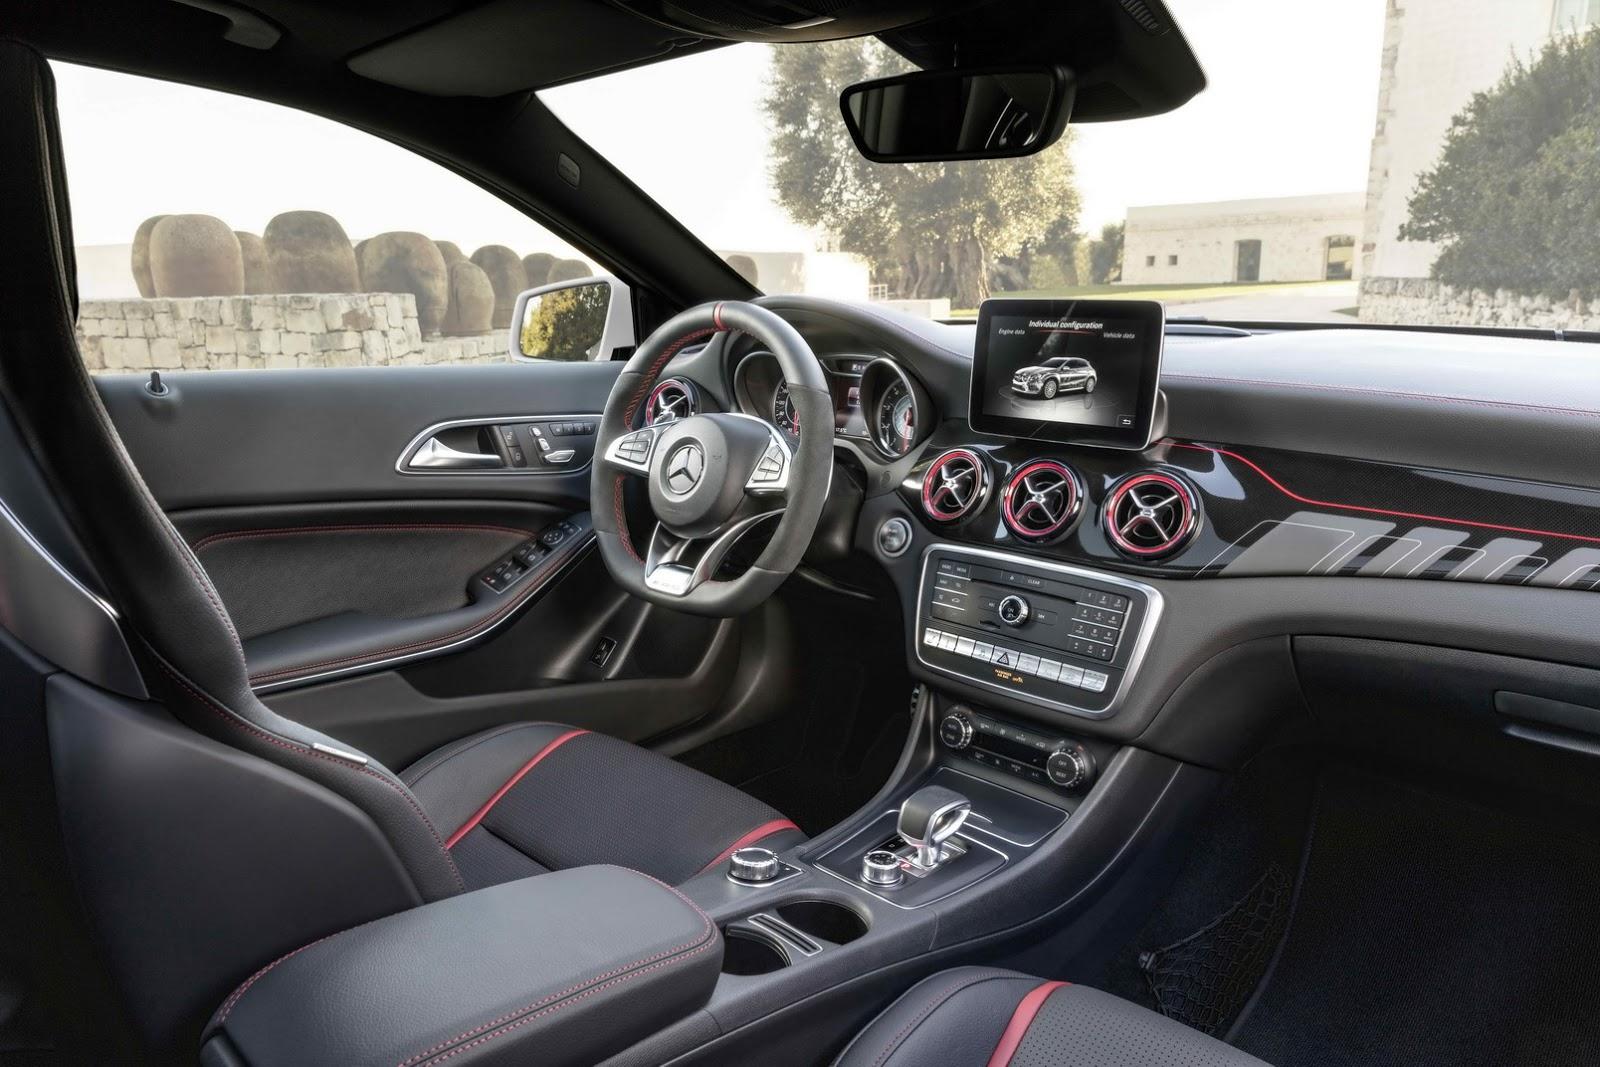 Mercedes GLA facelift and GLA 45 AMG facelift 2017 (84)